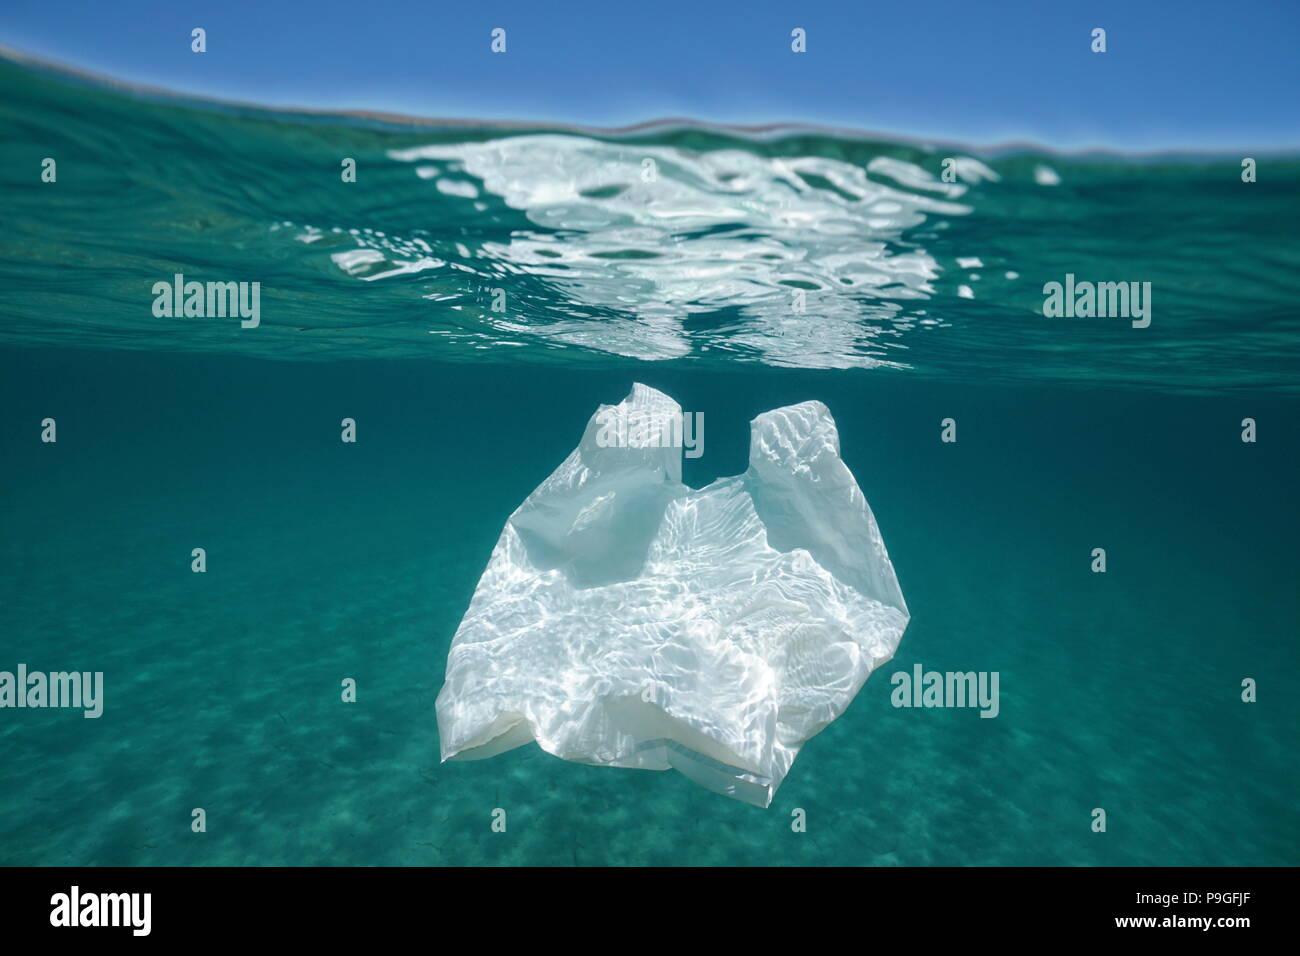 La pollution sous-marine un sac en plastique à la dérive dans la mer Méditerranée au-dessous de la surface de l'eau, Almeria, Andalousie, Espagne Photo Stock